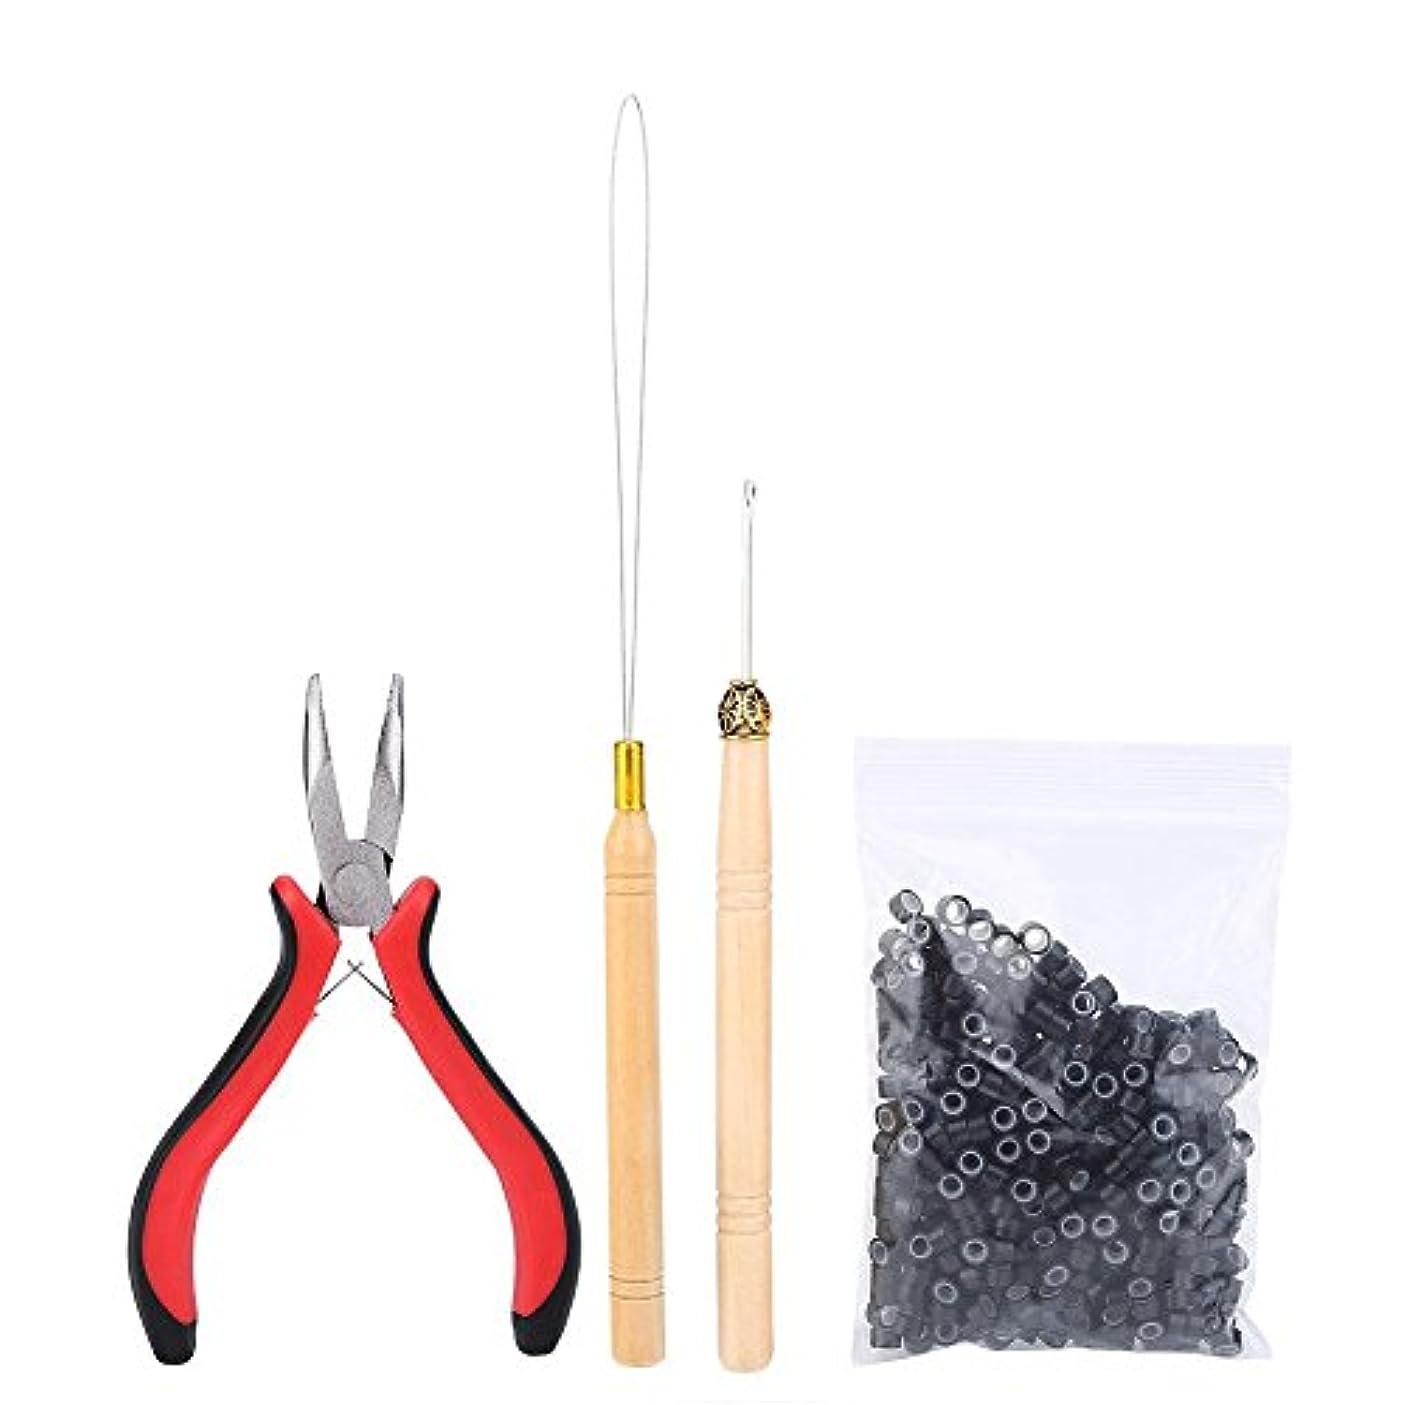 精通した出口摩擦ヘアエクステンションキット、ヘアコネクタセットプロのヘアエクステンションツールセットかつらコネクタヘアスタイラーかつらアクセサリー(01#)